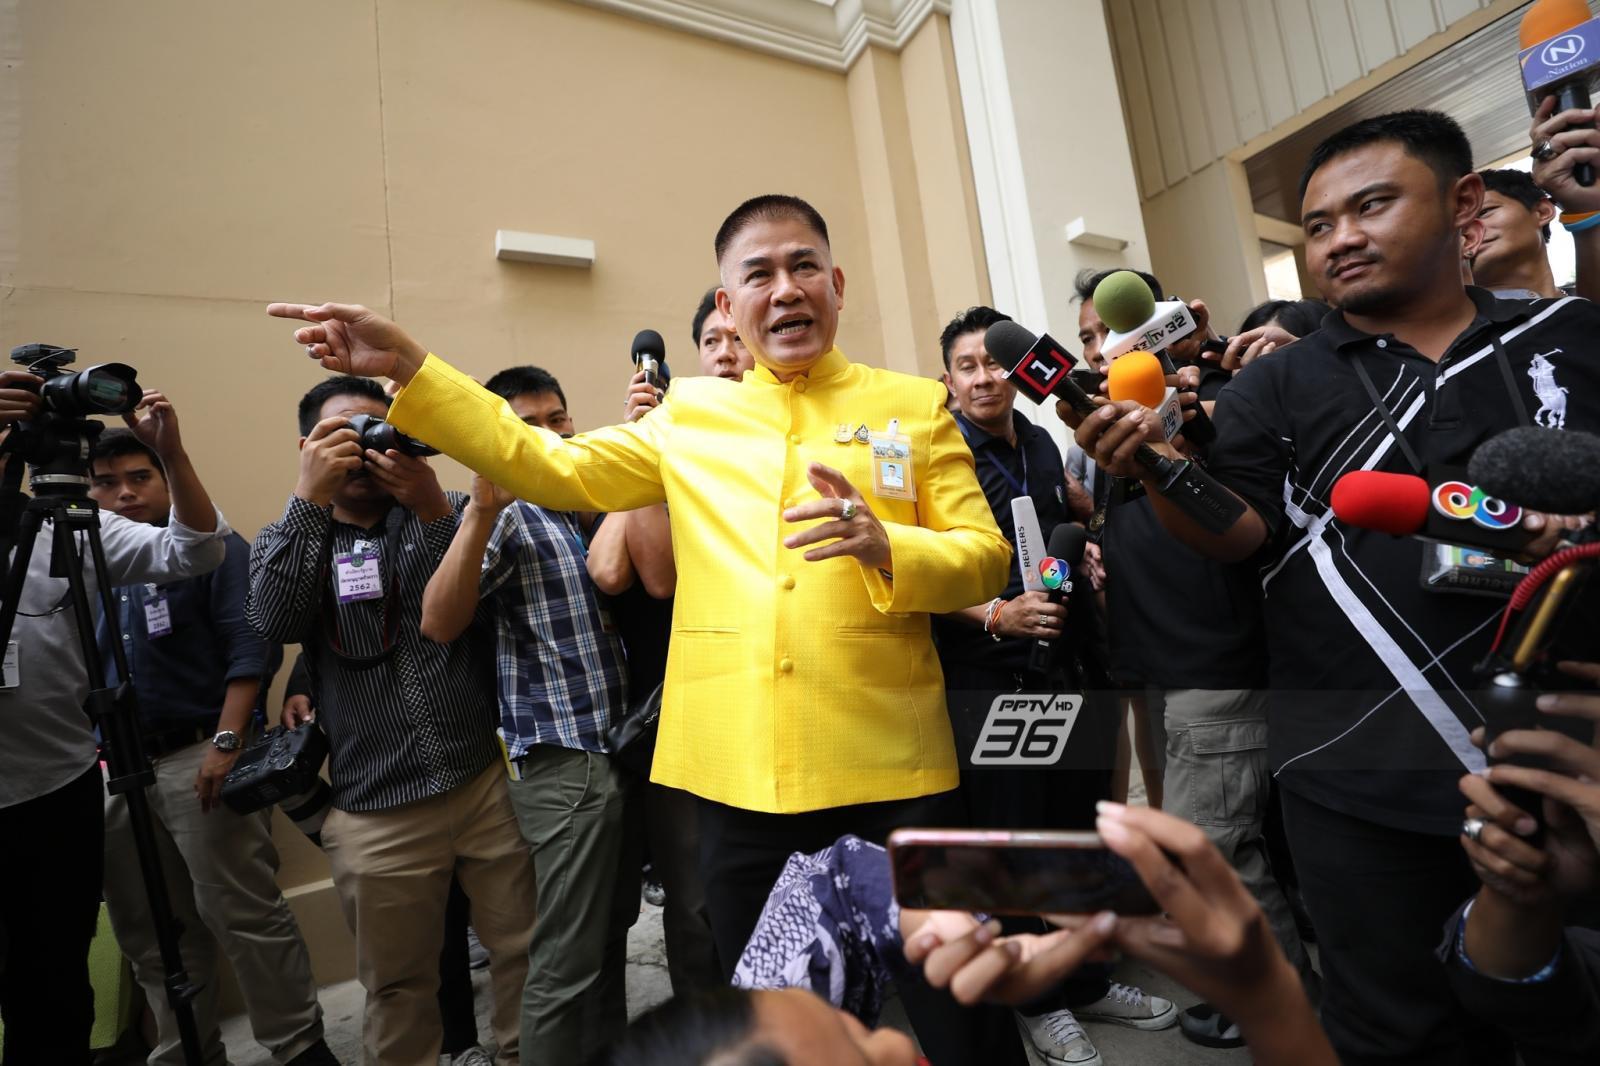 """""""ธรรมนัส พรหมเผ่า"""" เชื่อถูกกระบวนการในไทยดิสเครดิต กรณีสื่อออสซี่แฉพัวพันคดียาเสพติด"""